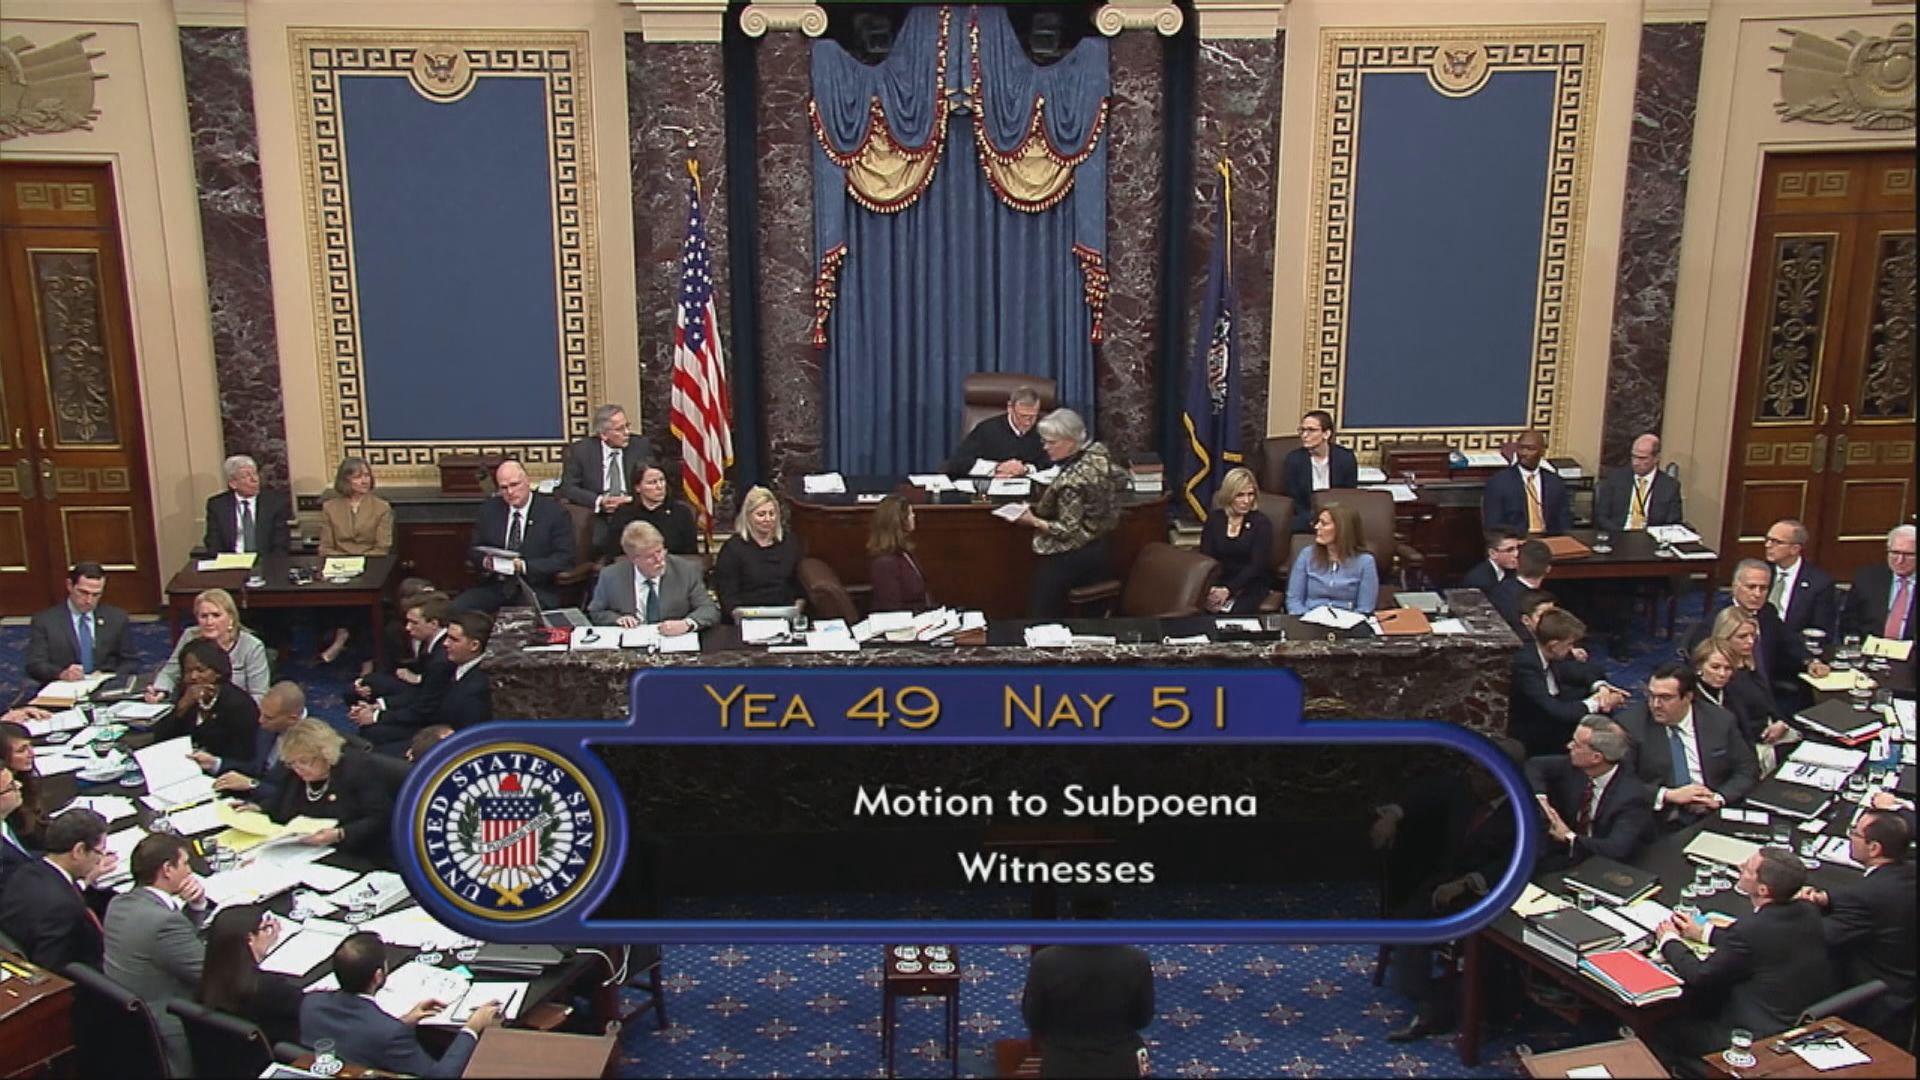 參議院下周三將就彈劾控罪作表決